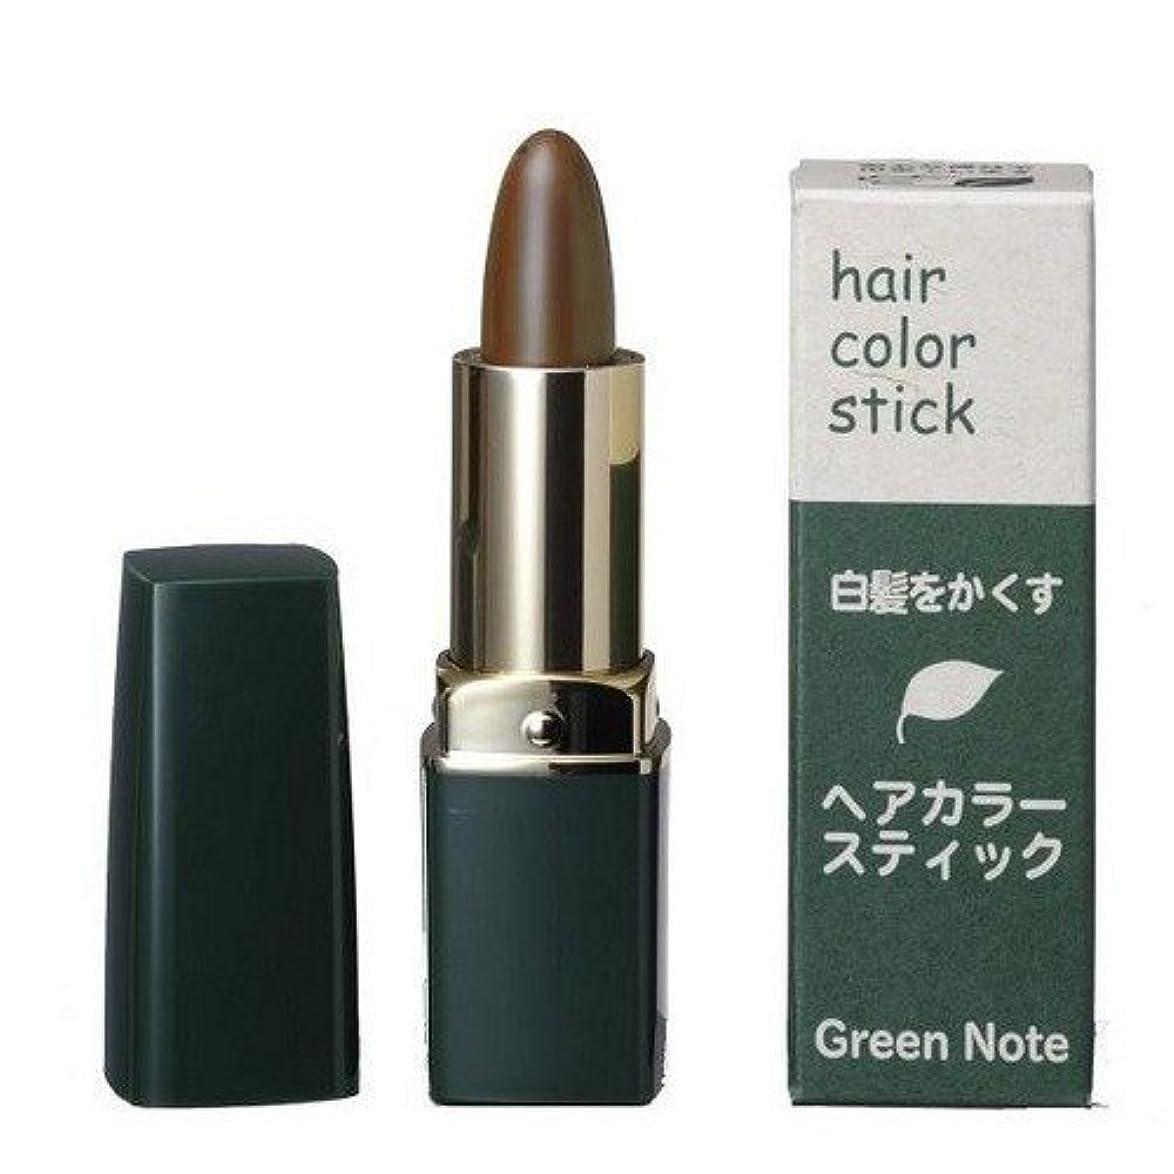 セラー圧力種をまくグリーンノート ヘアカラースティック ライトブラウン 4g